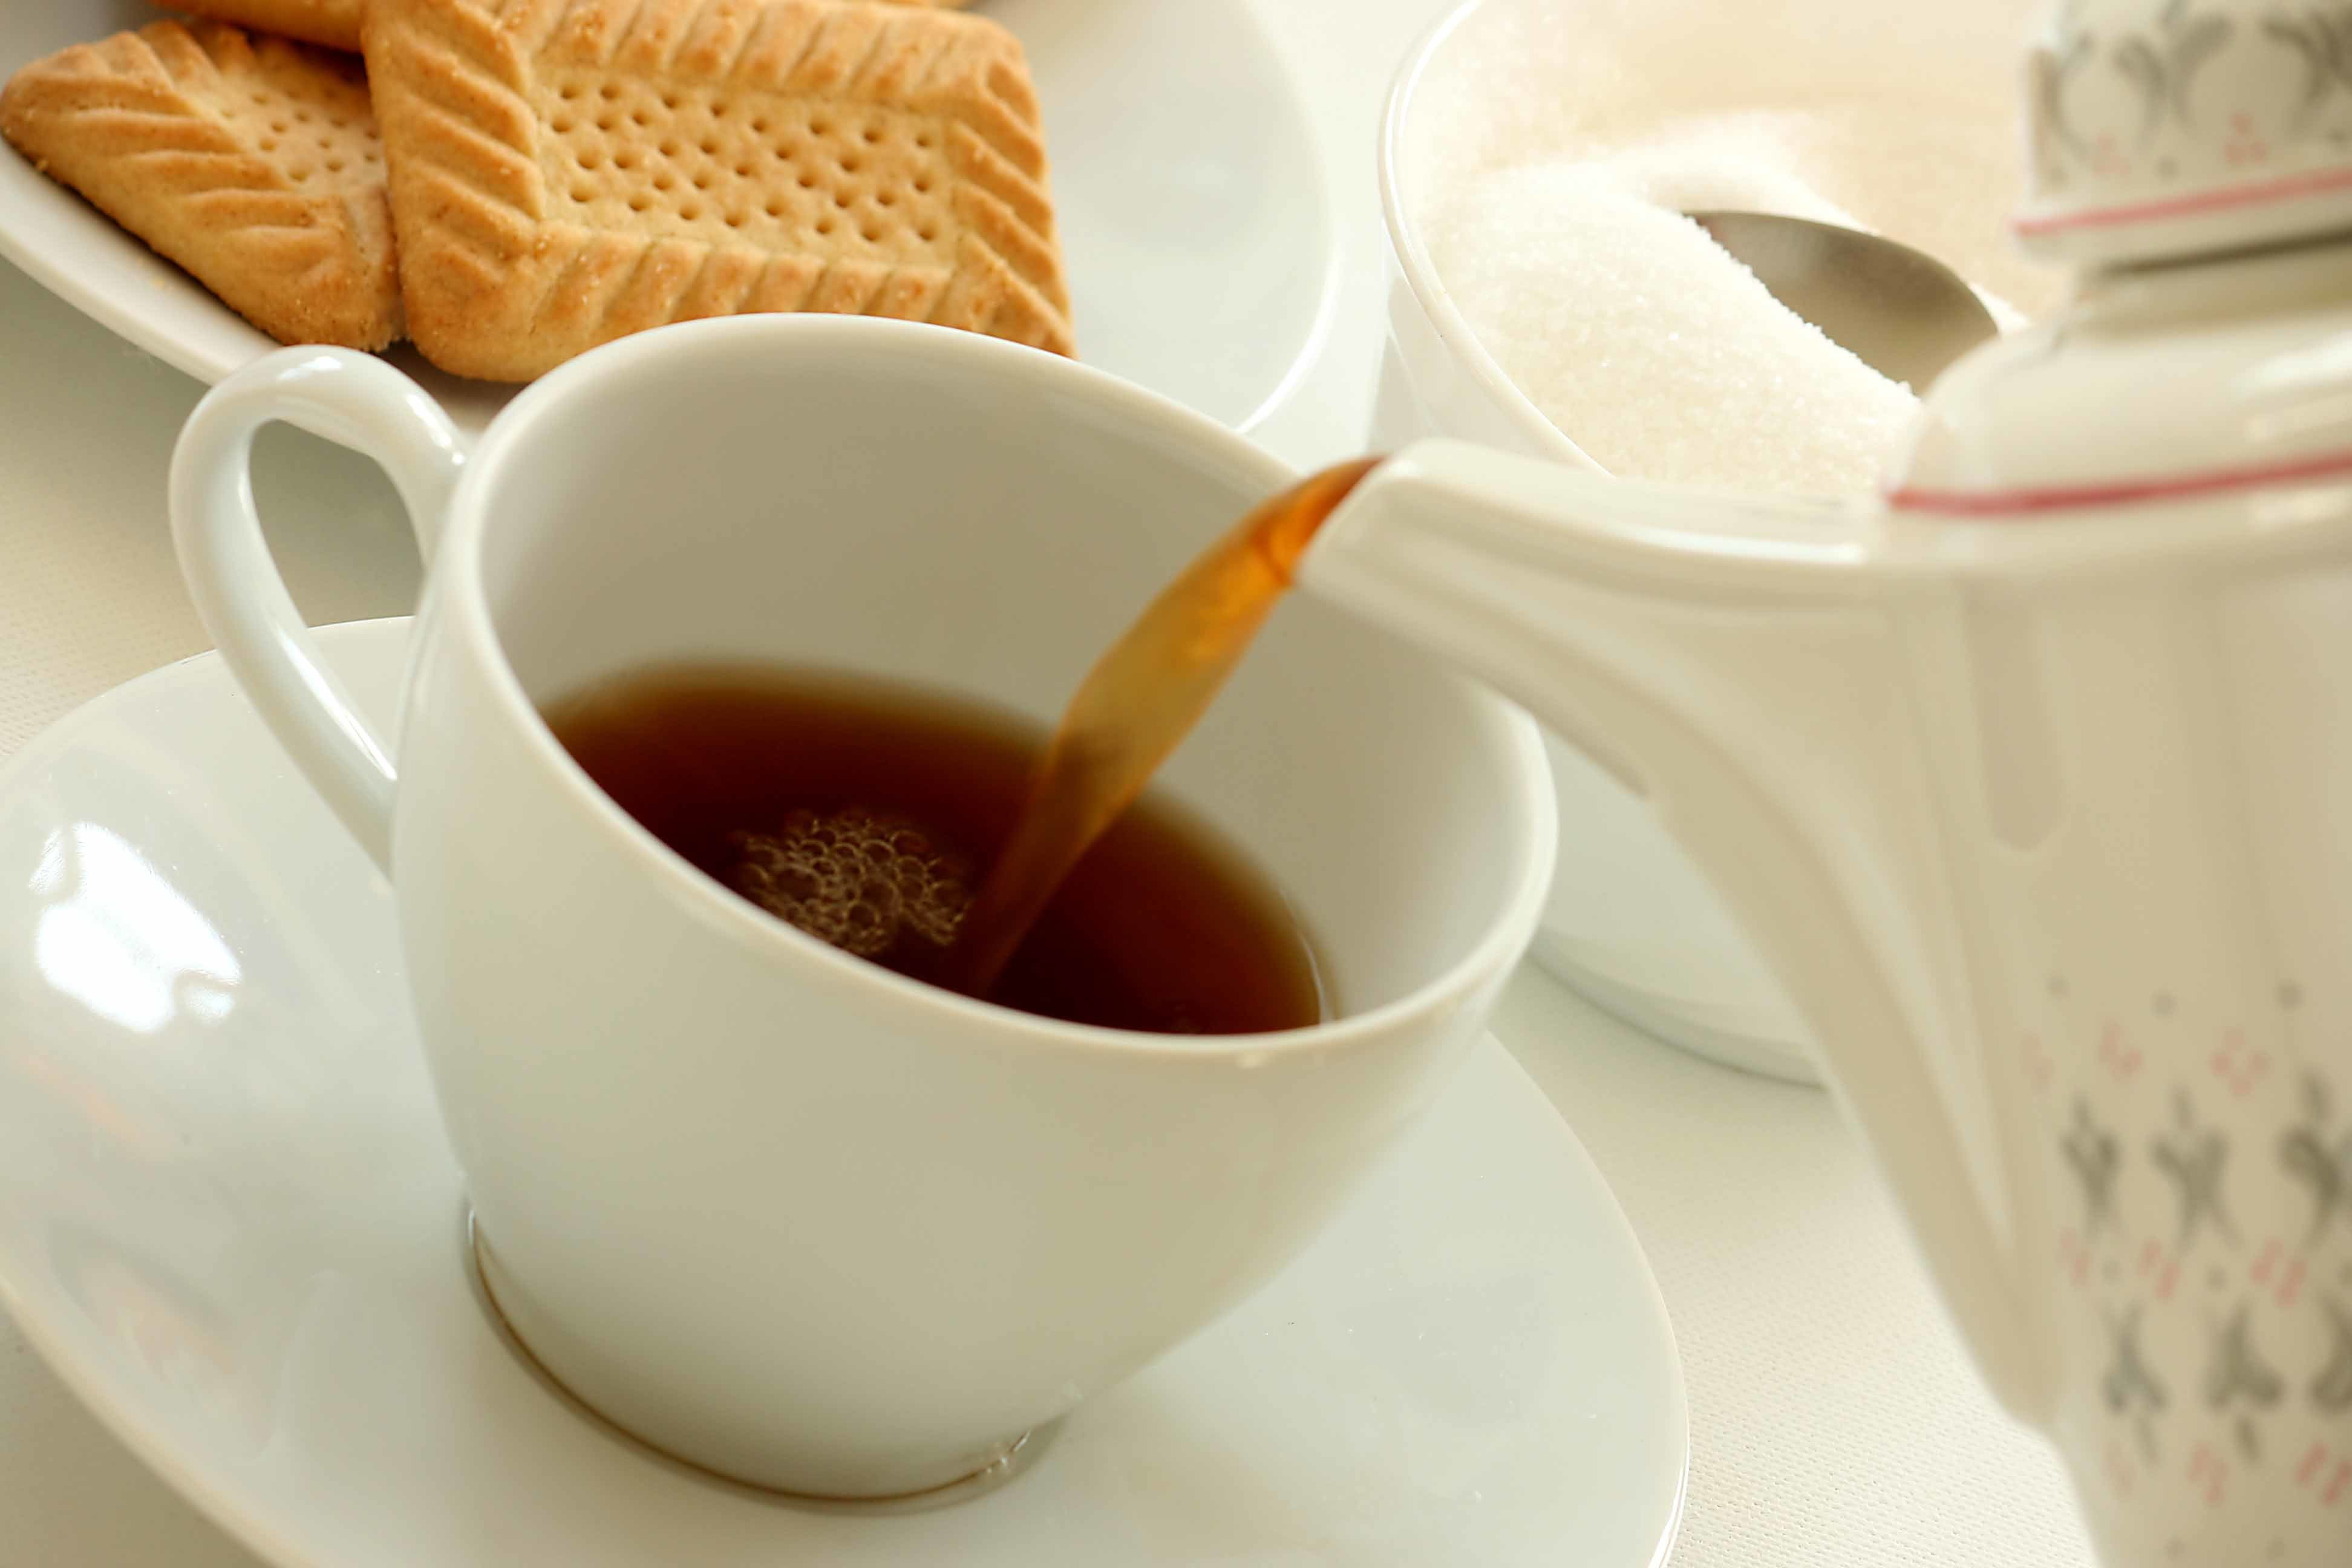 фото чашка чая для тебя первый раз